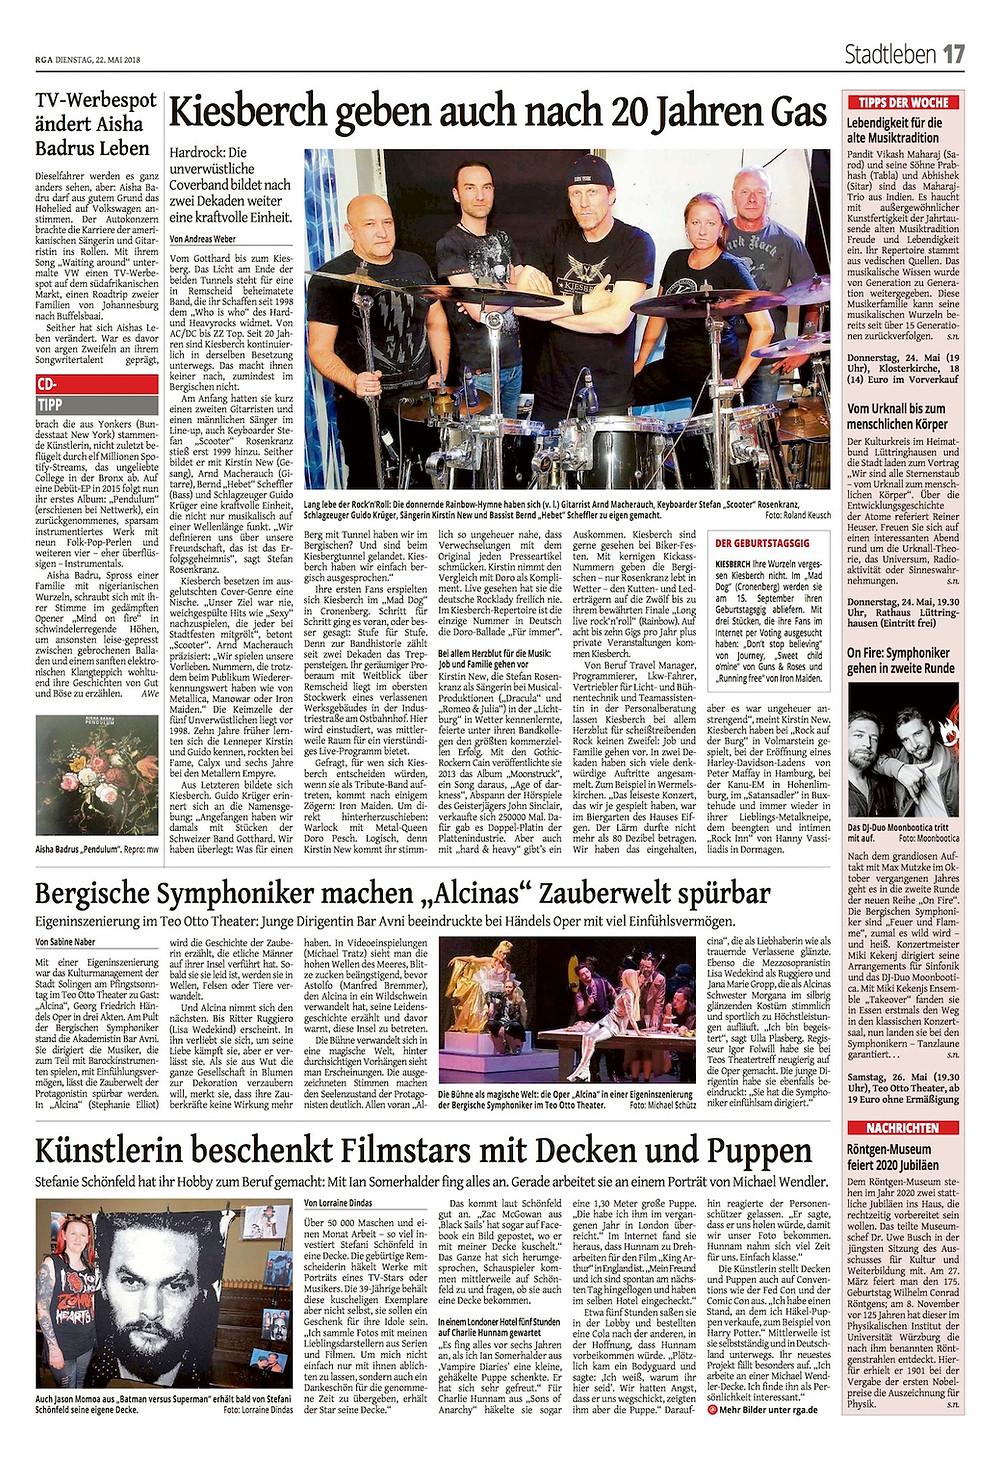 Remscheider General-Anzeiger [RGA] - KIESBERCH geben auch nach 20 Jahren Gas